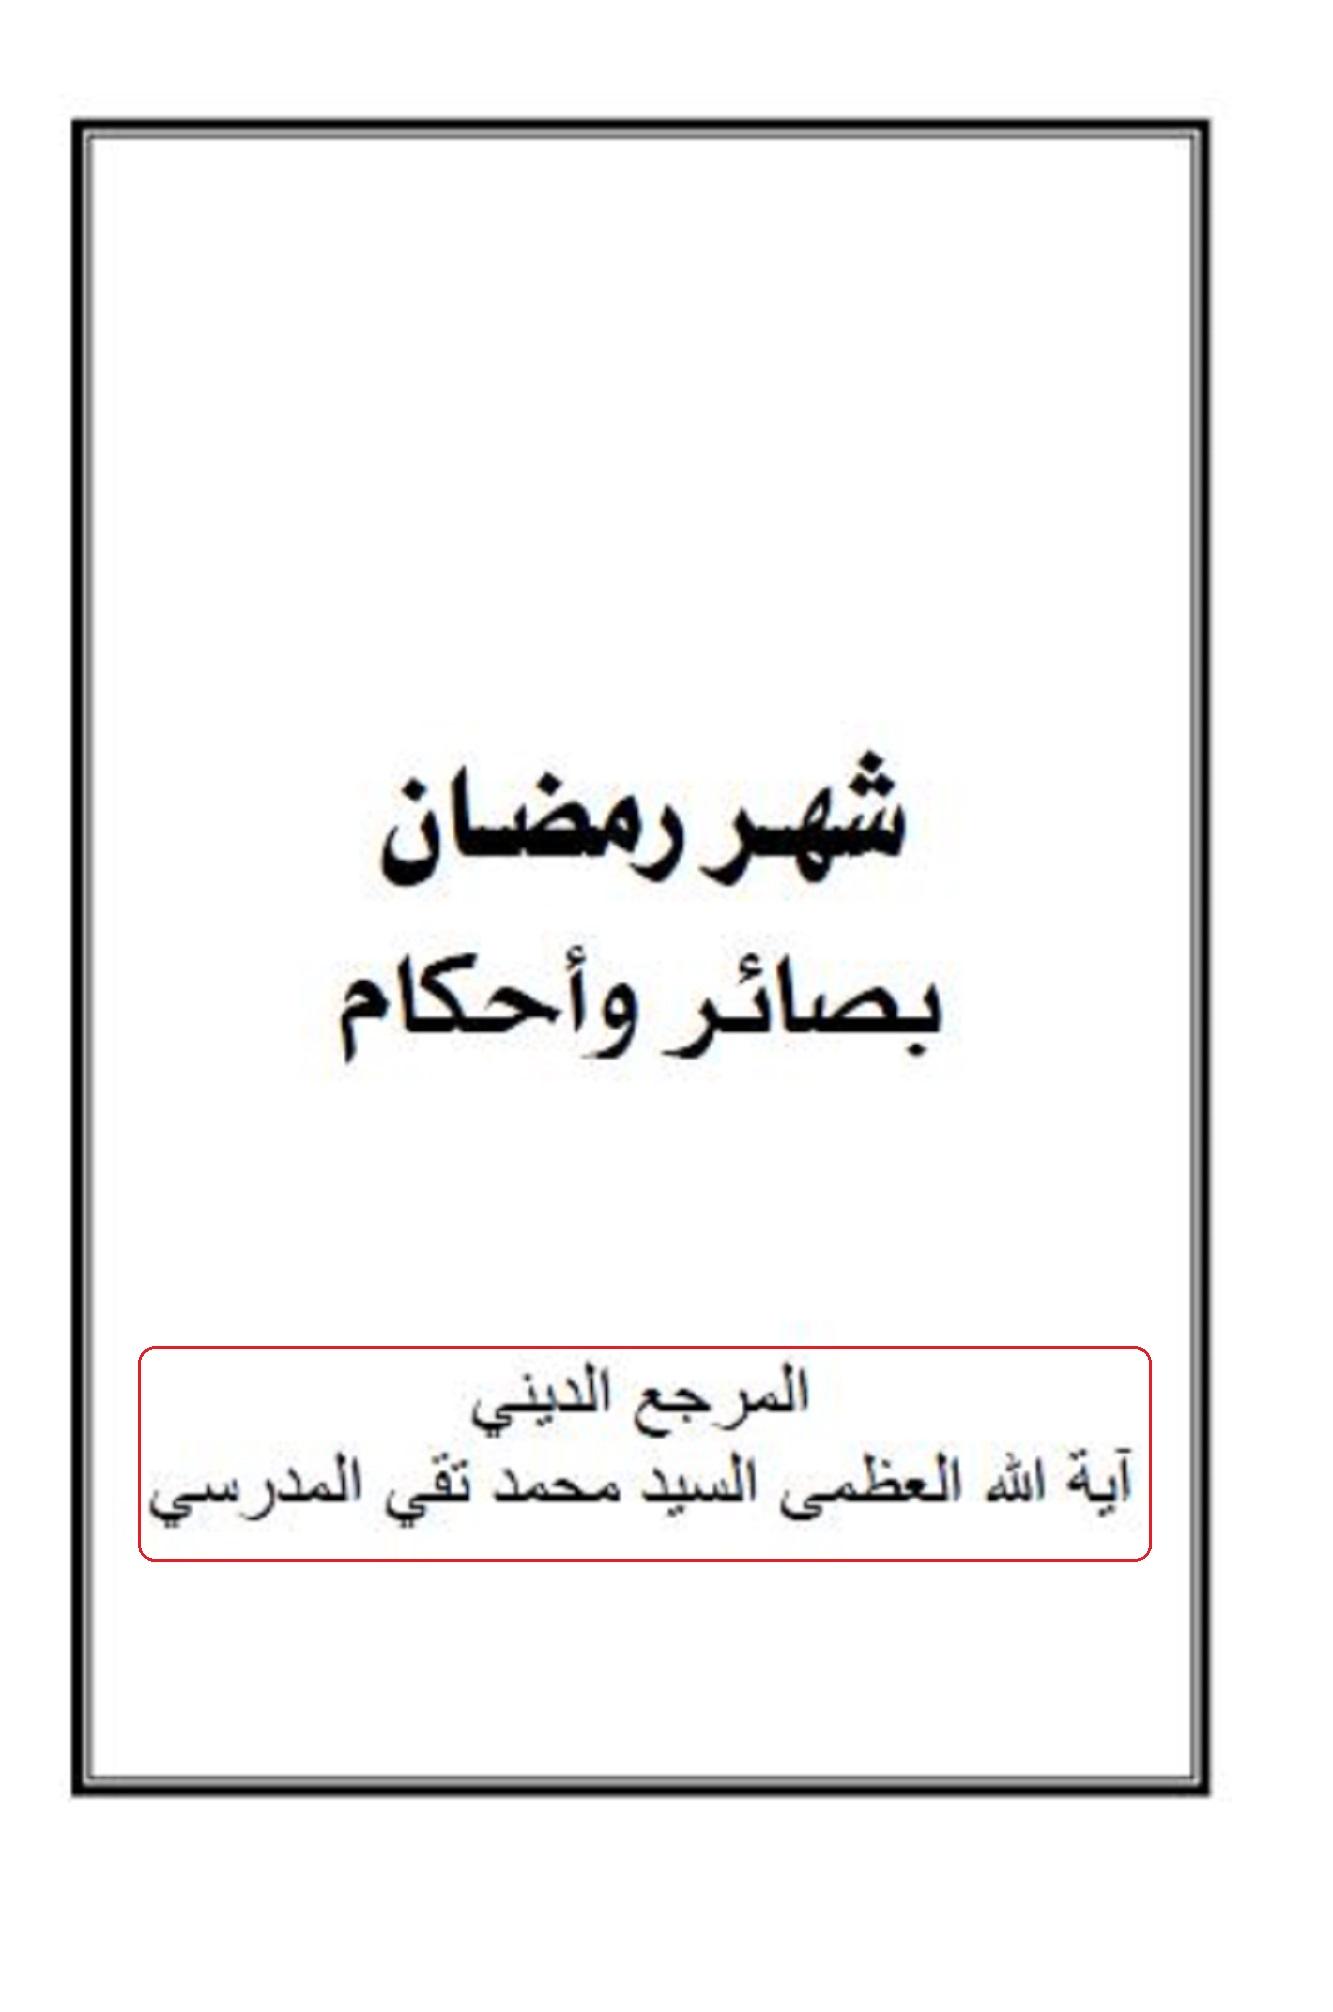 الاســـم:شهر رمضان بصاظر و احکام غذف.JPG المشاهدات: 1581 الحجـــم:165.1 كيلوبايت